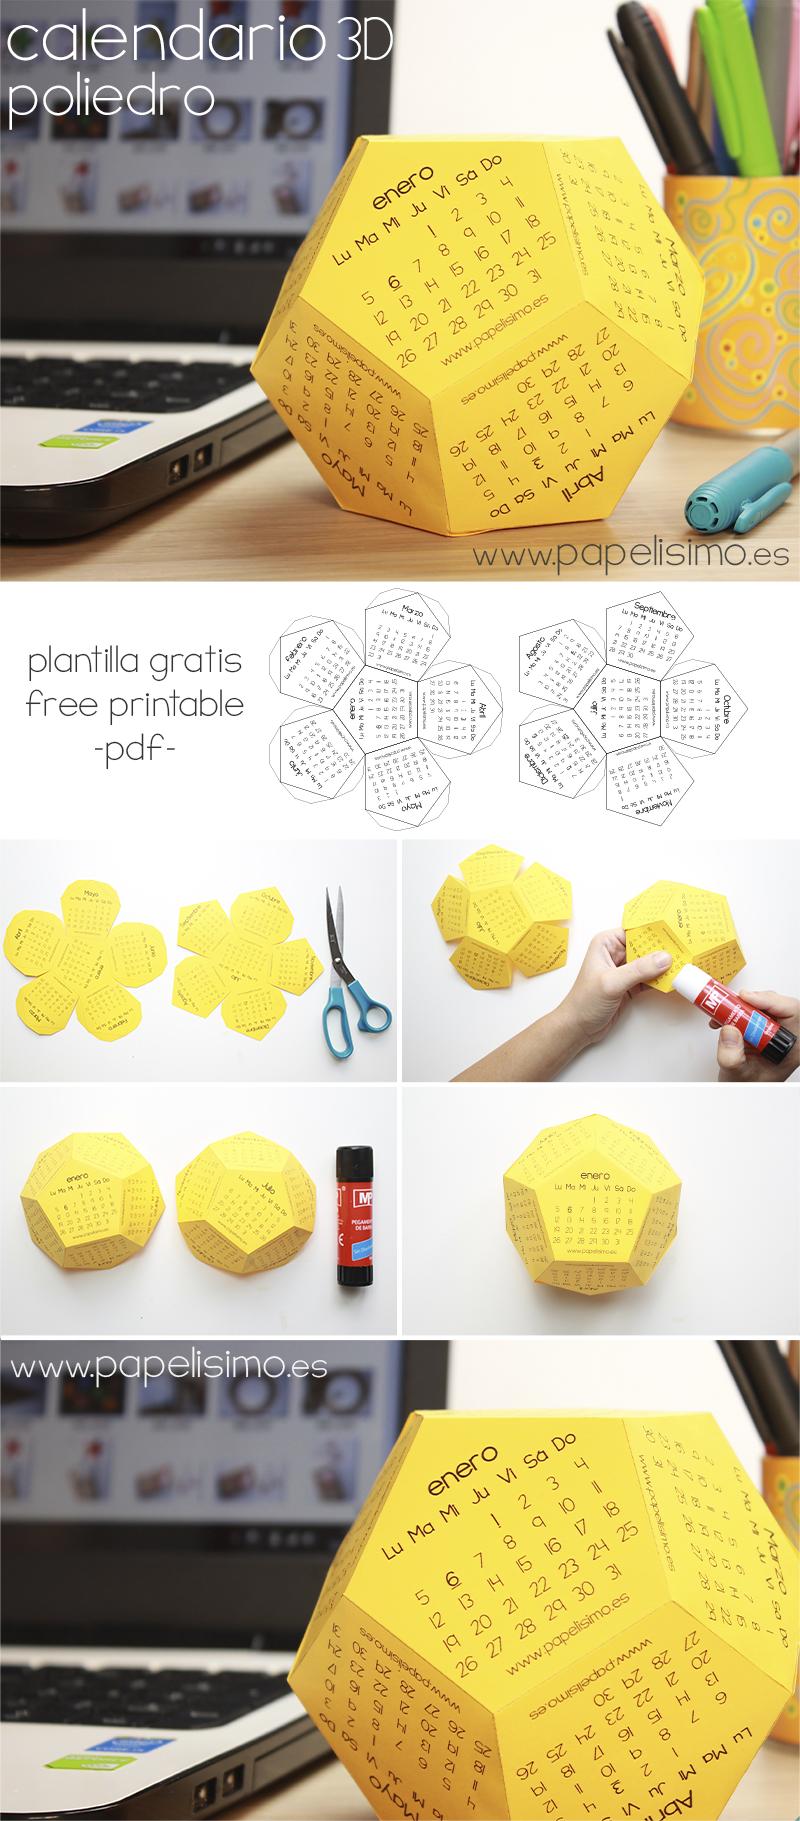 Los Chicos Del Calendario Pdf.Calendario 3d Poliedro Plantilla Para Imprimir Pdf Gratis Con Los